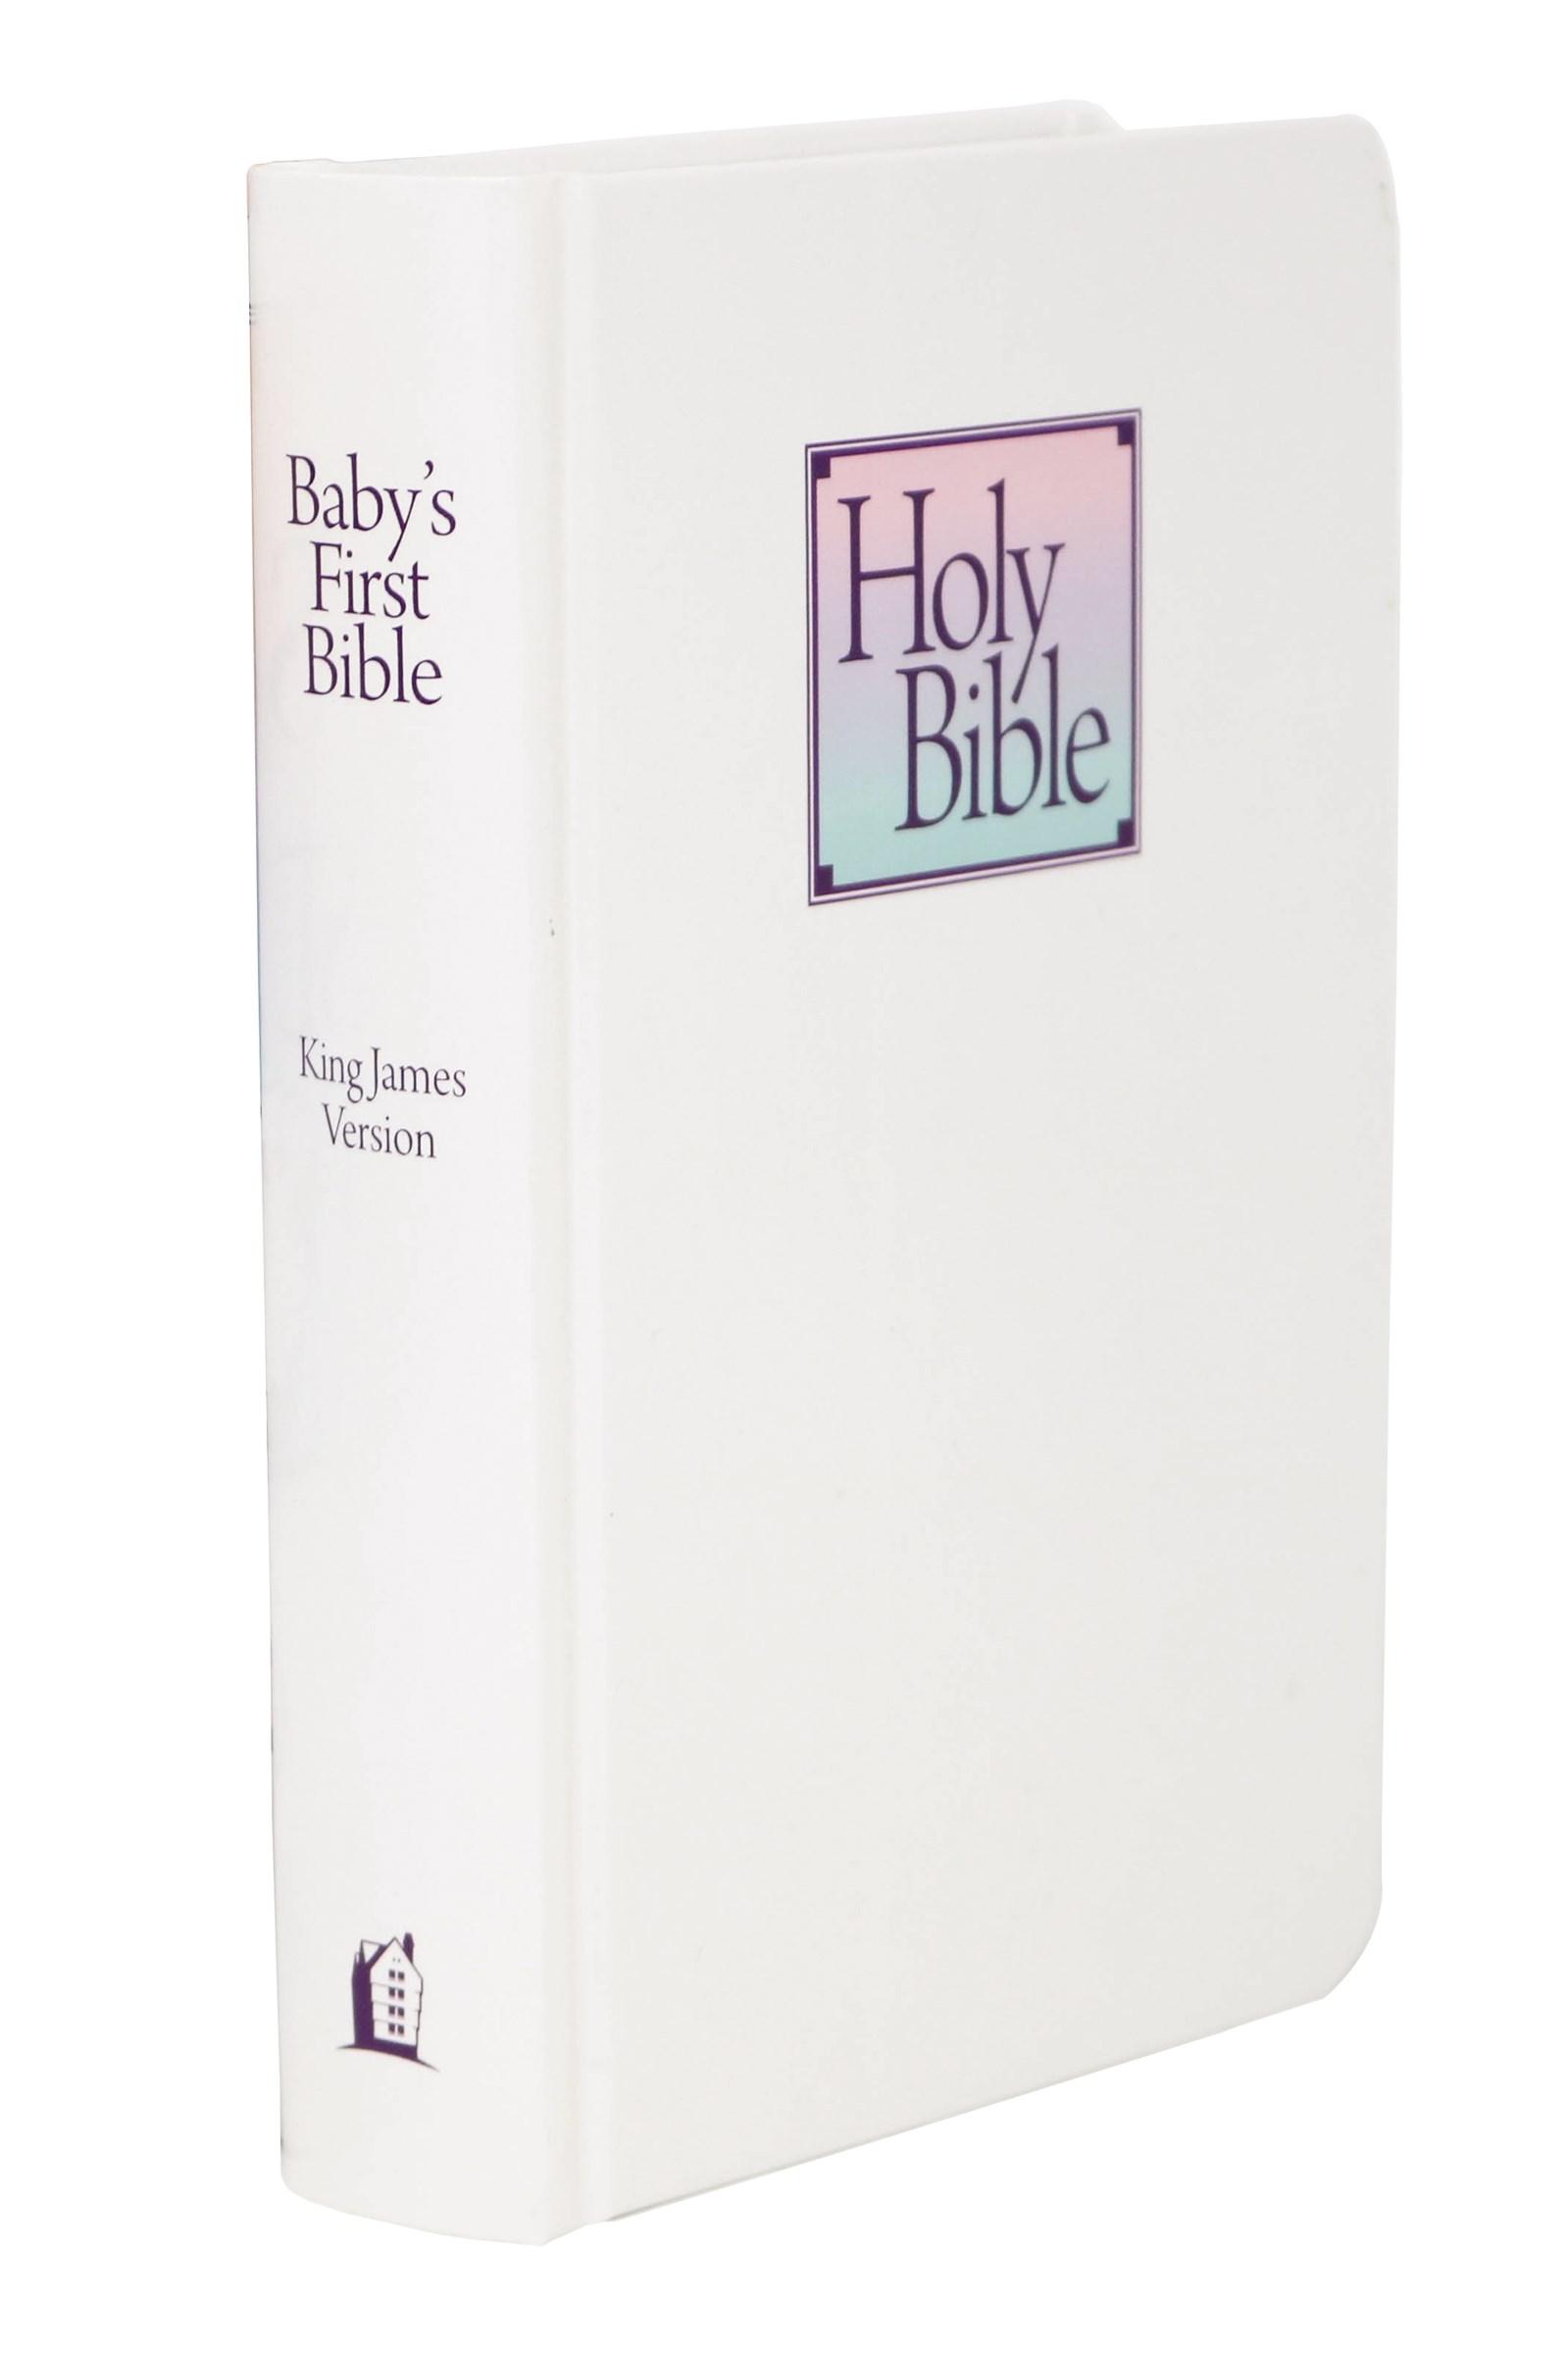 KJV Baby's First Bible-White Hardcover